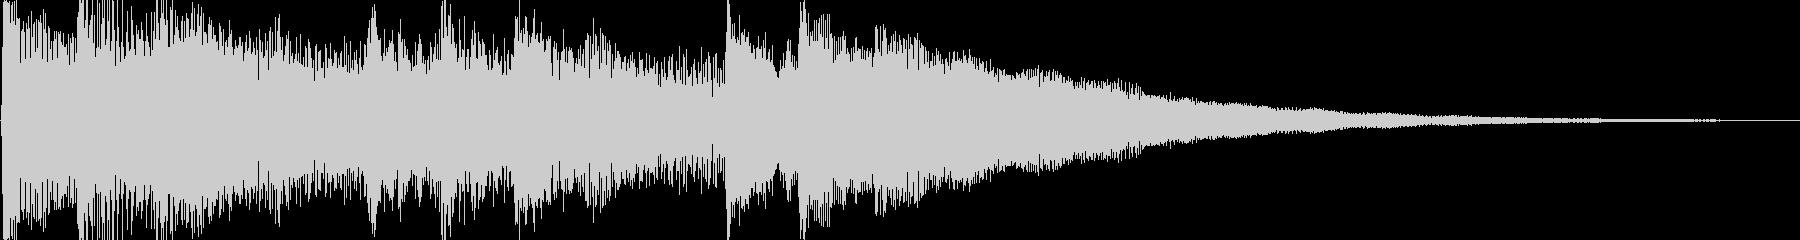 ピアノ音(ゲーム、アプリ、場面転換)の未再生の波形